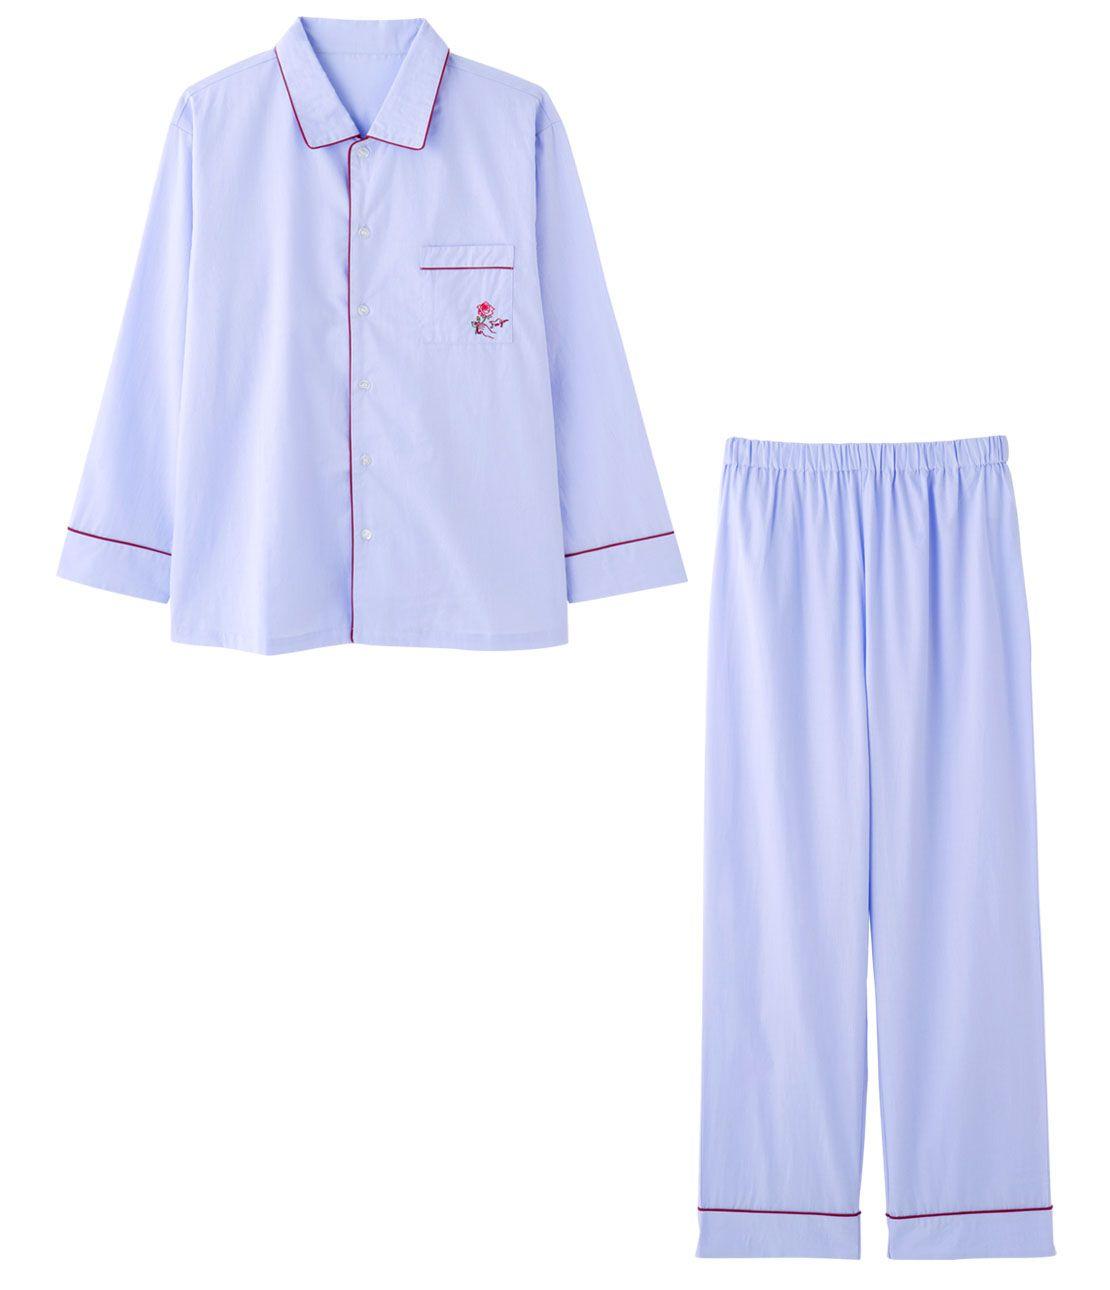 男式棉襯衫睡衣